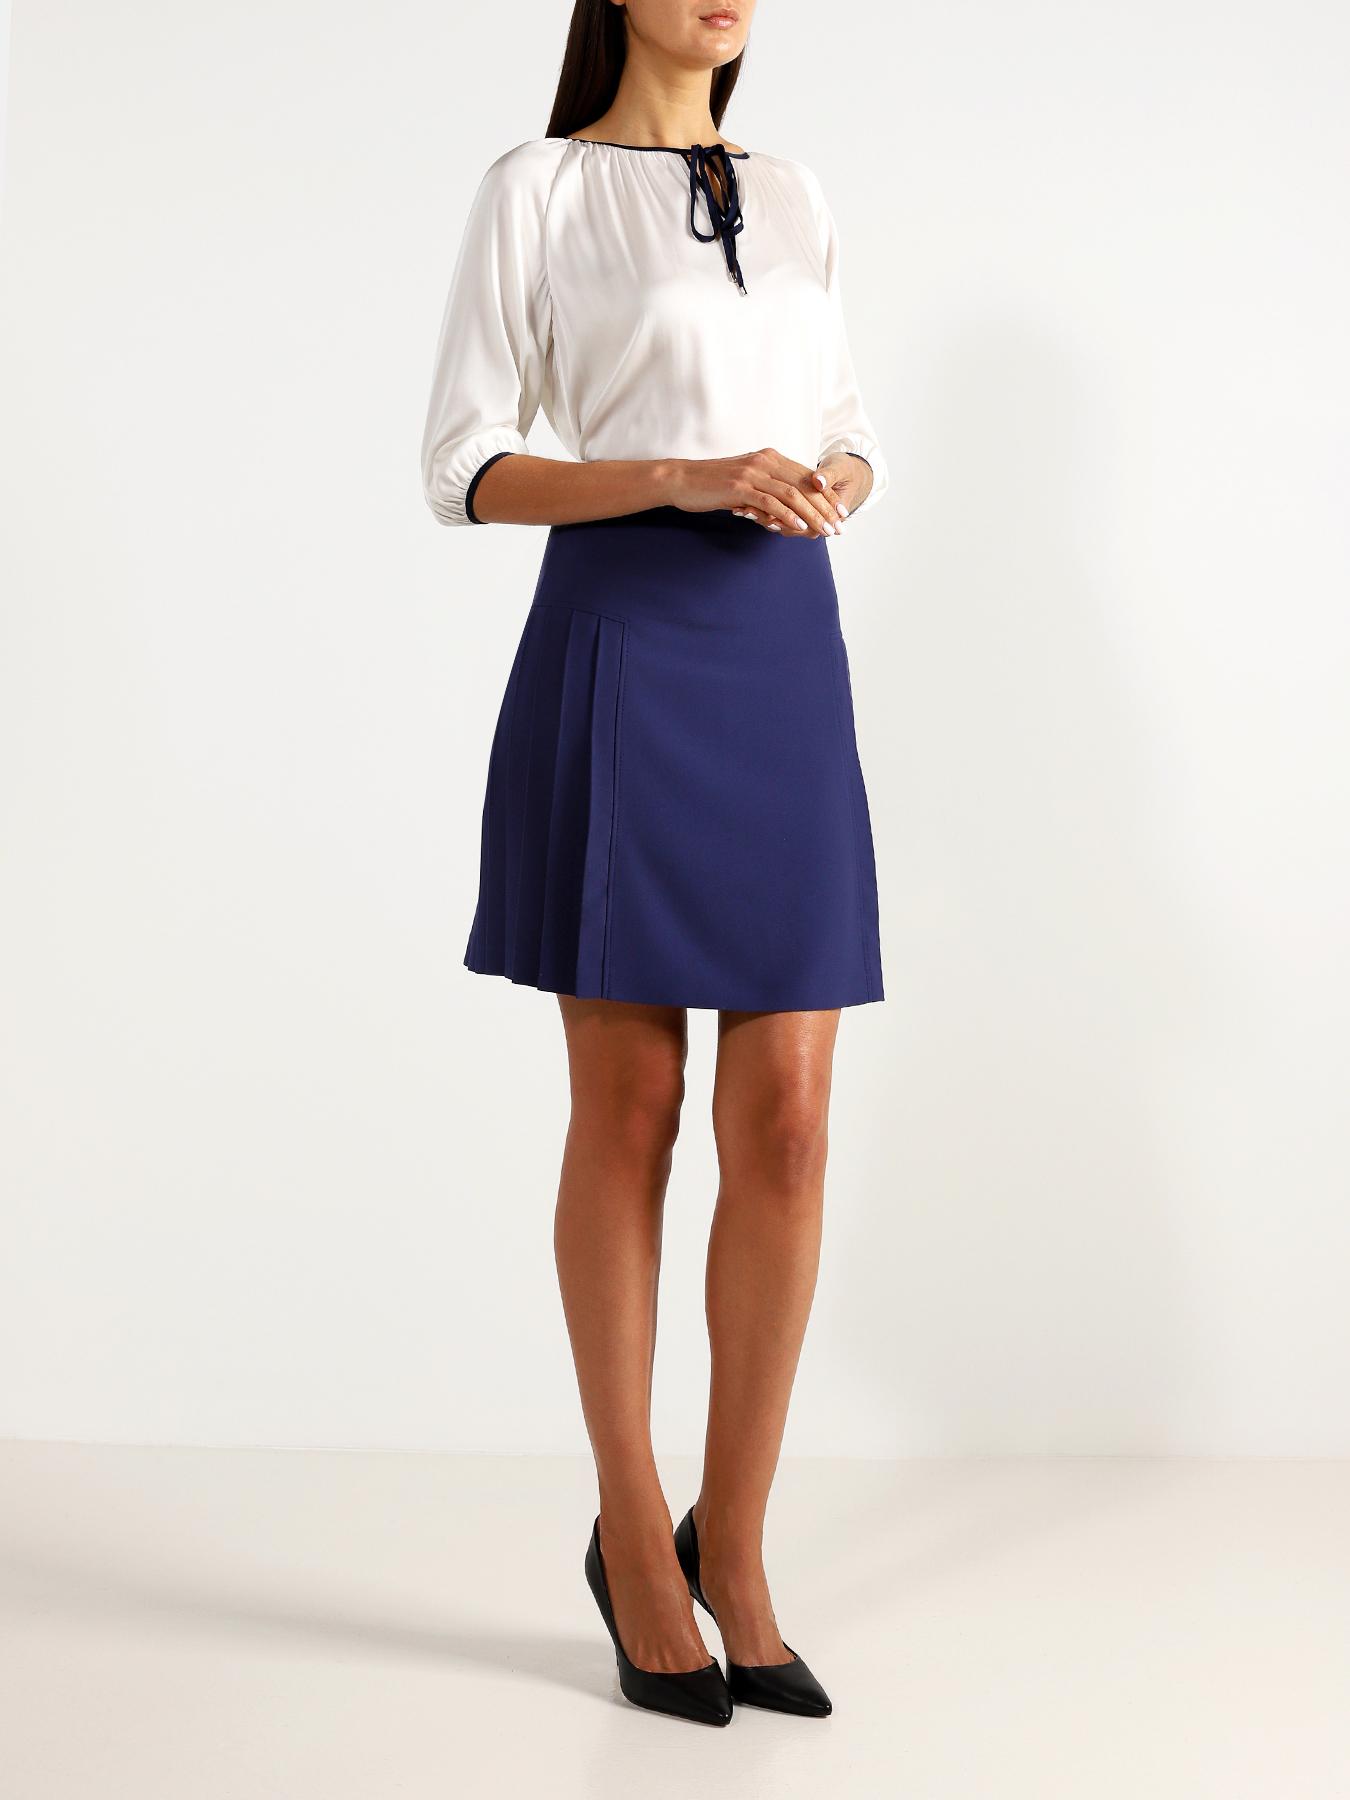 Korpo Two Однотонная юбка фото